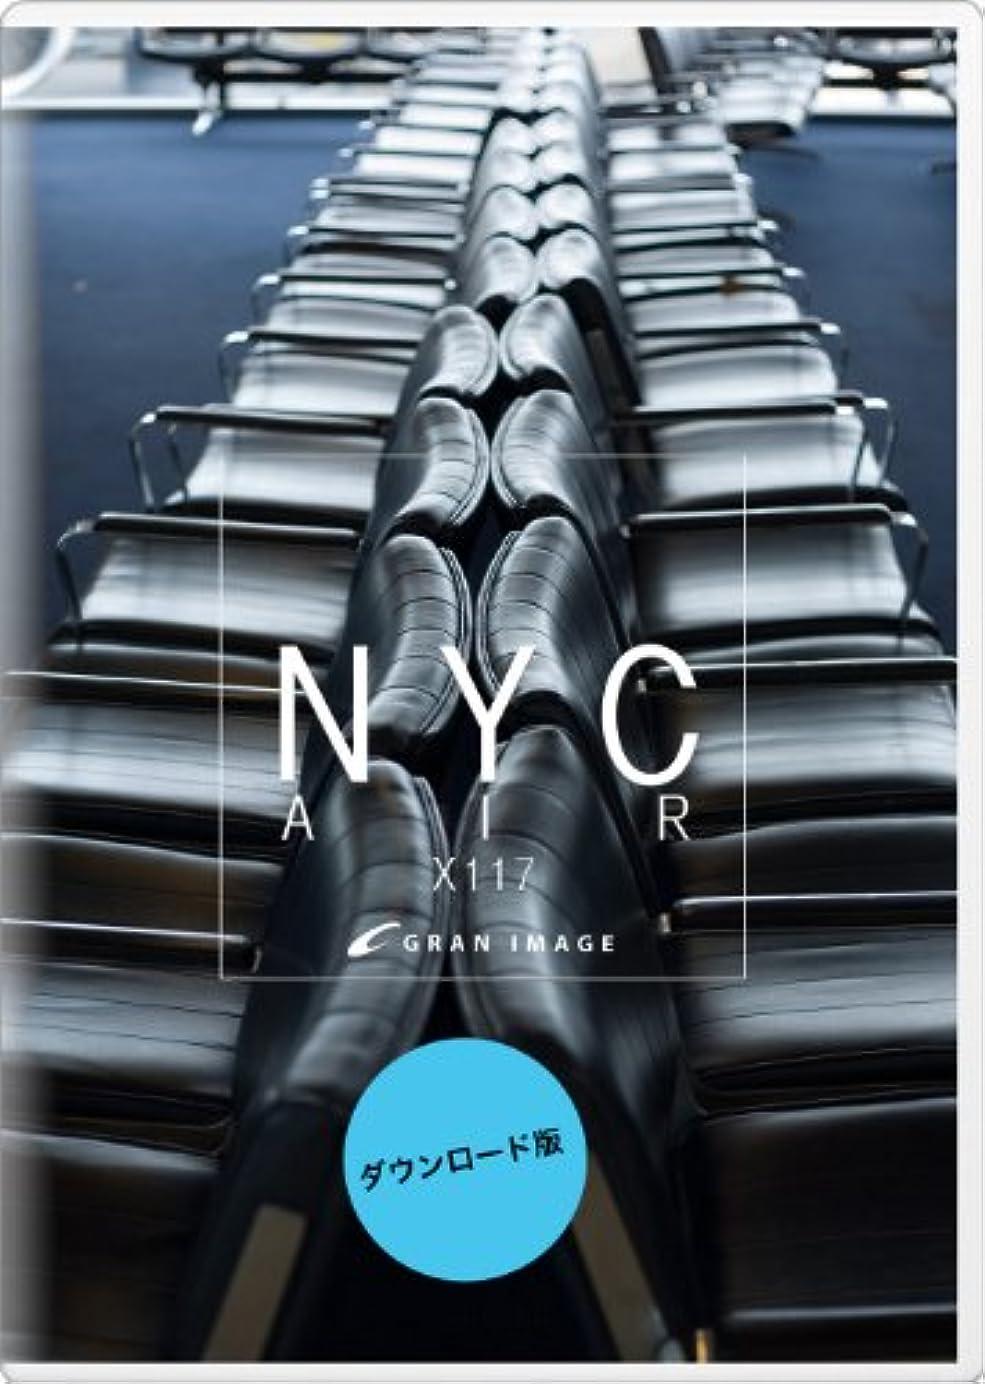 グランイメージ X117 ニューヨークシティエアー [ダウンロード]